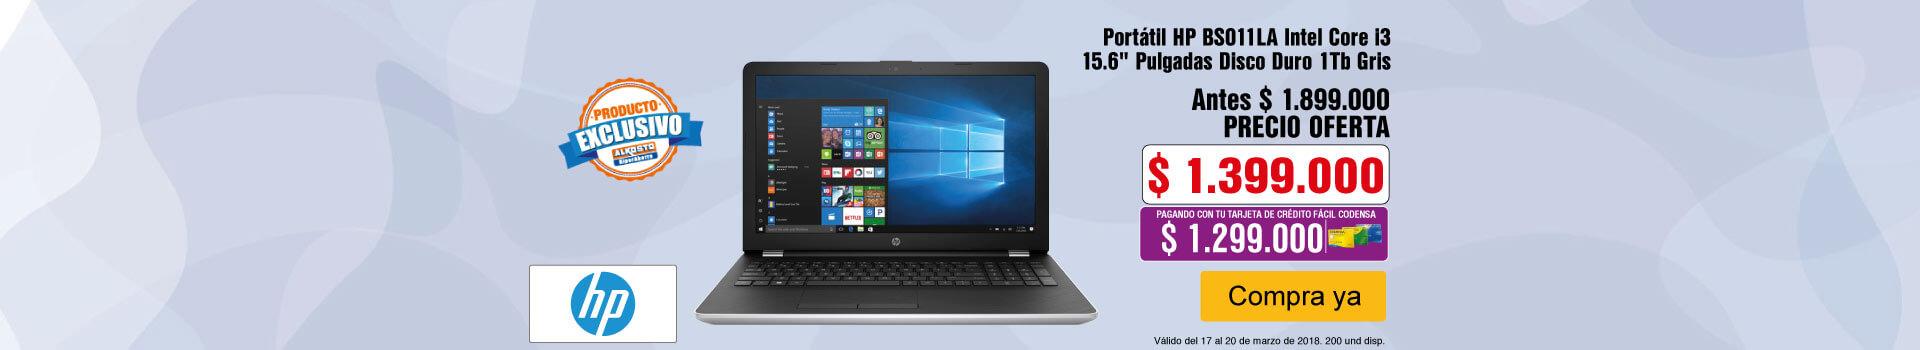 CAT AK-KT-2-computadores-Portátil HP BS011LA Intel Core i3 15.6